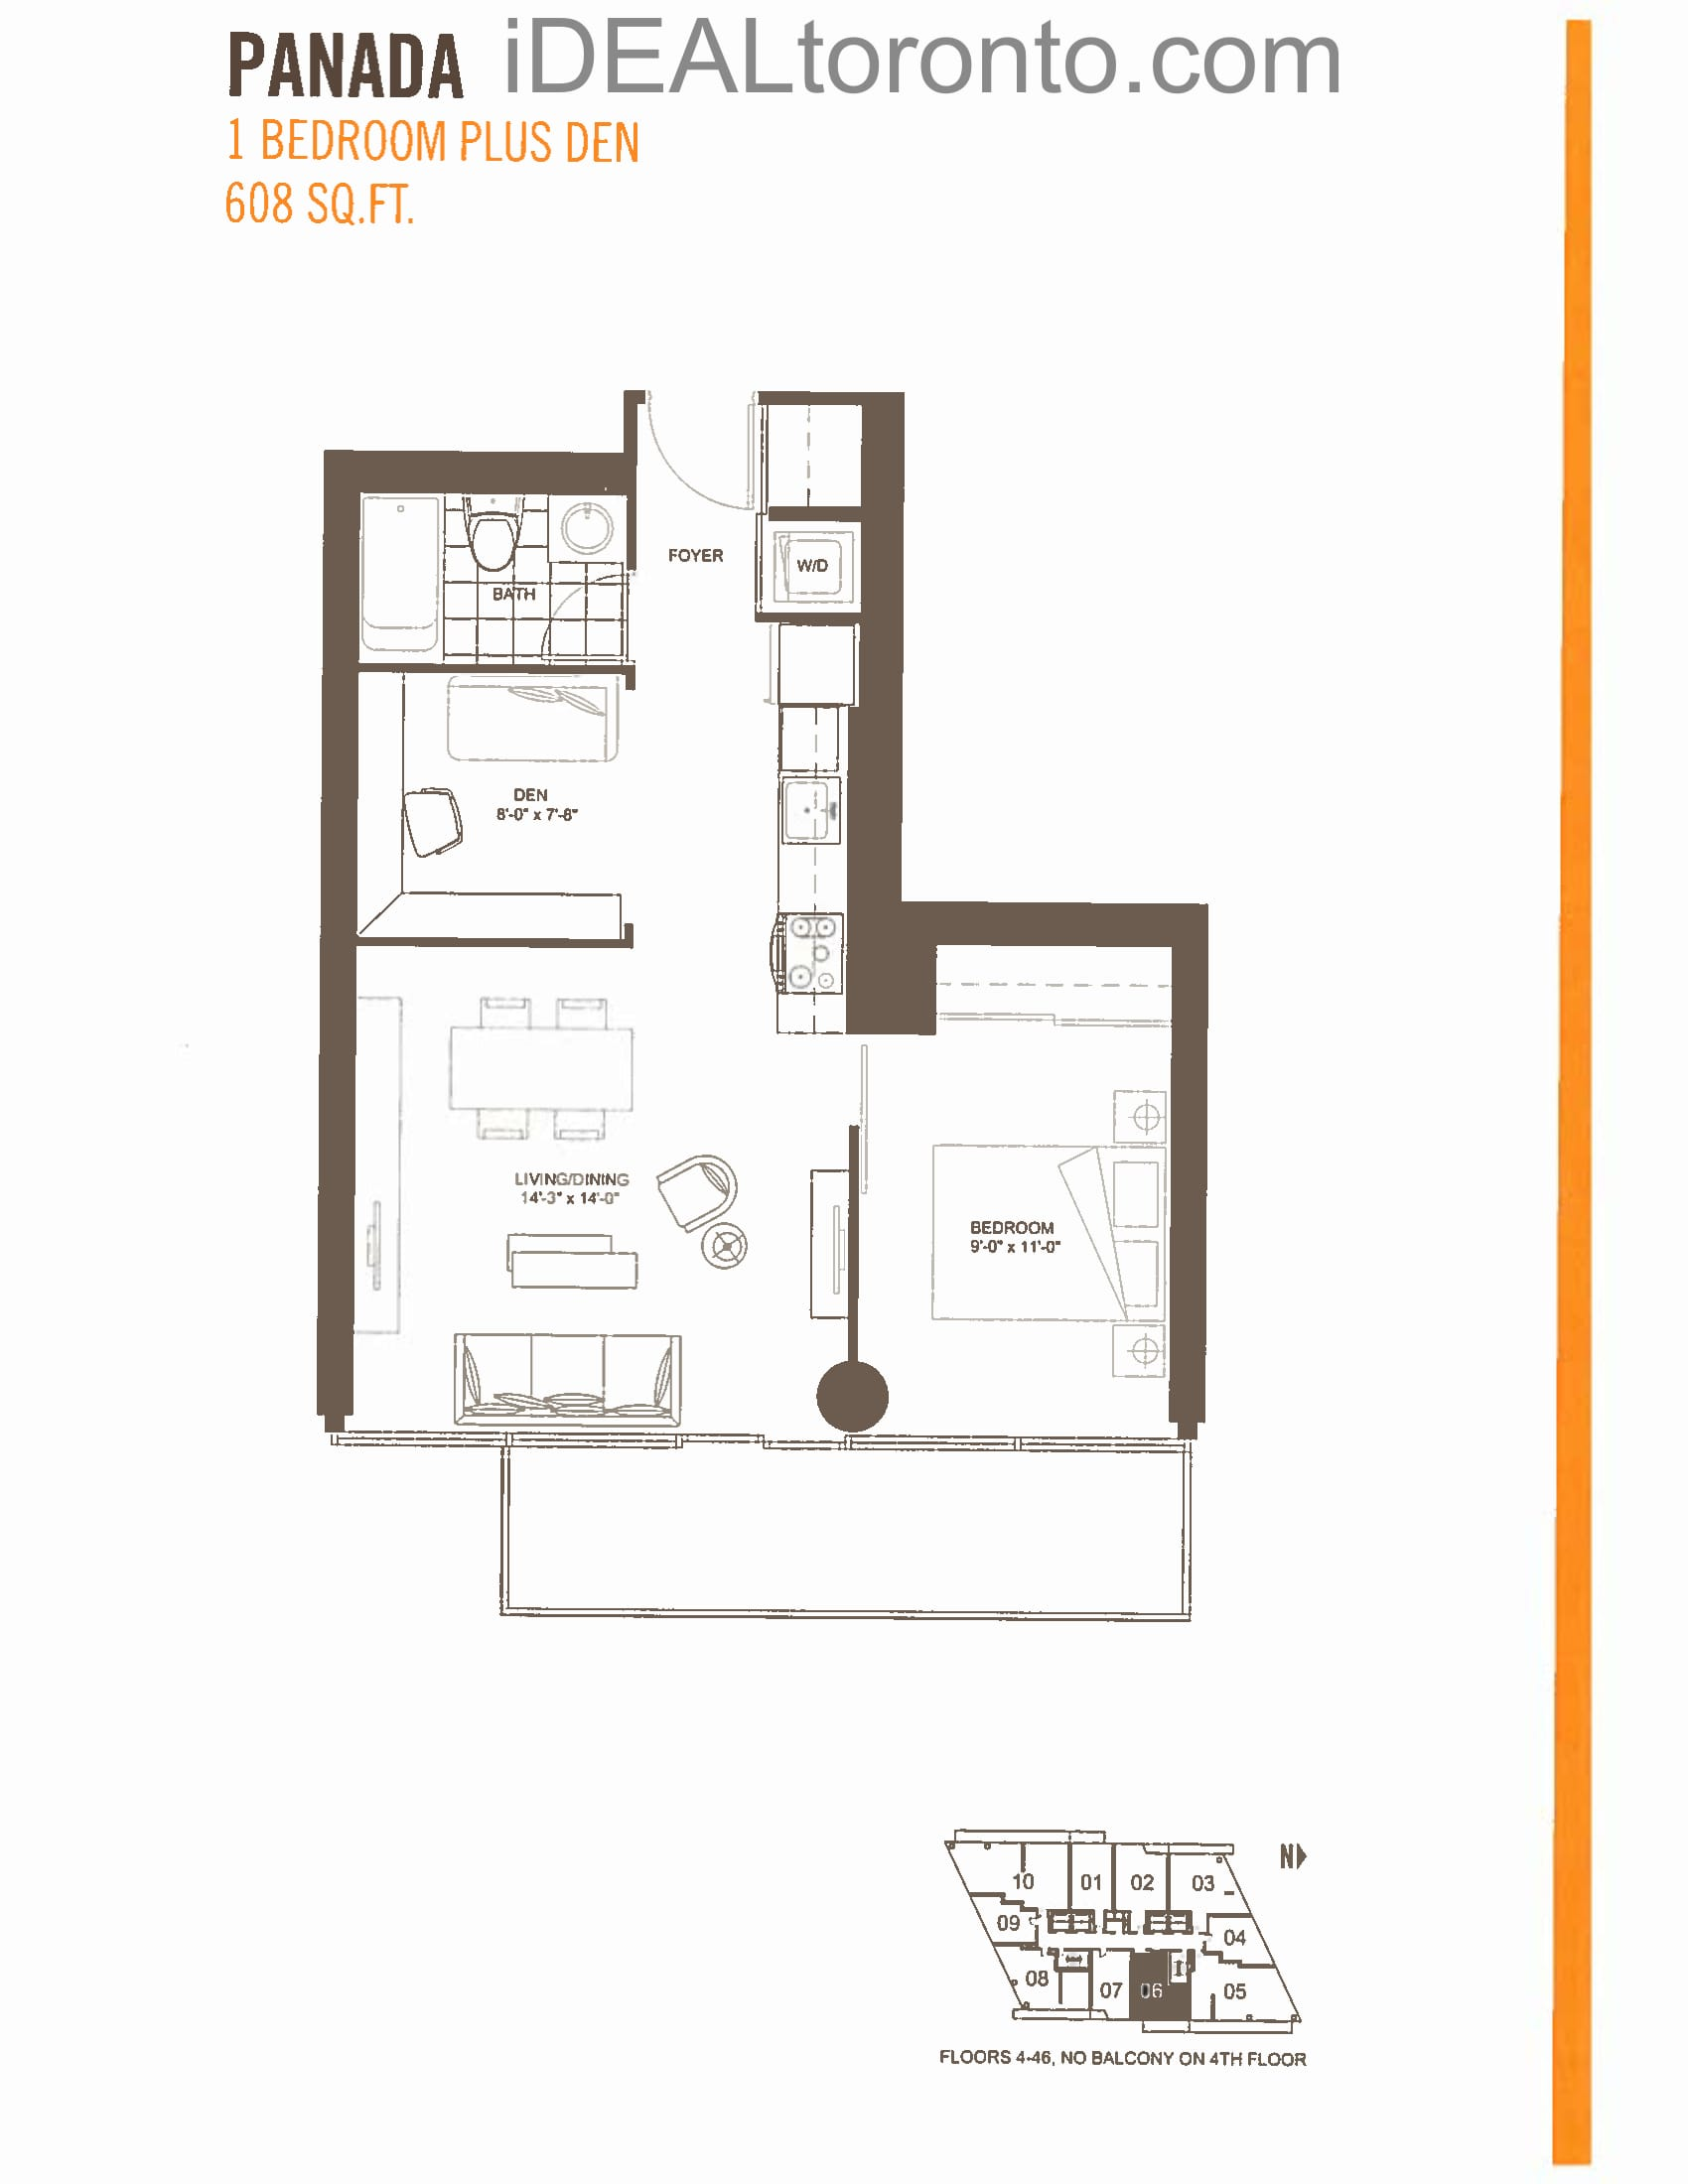 Panada: 1+1 Bedroom,E,608 SqFt